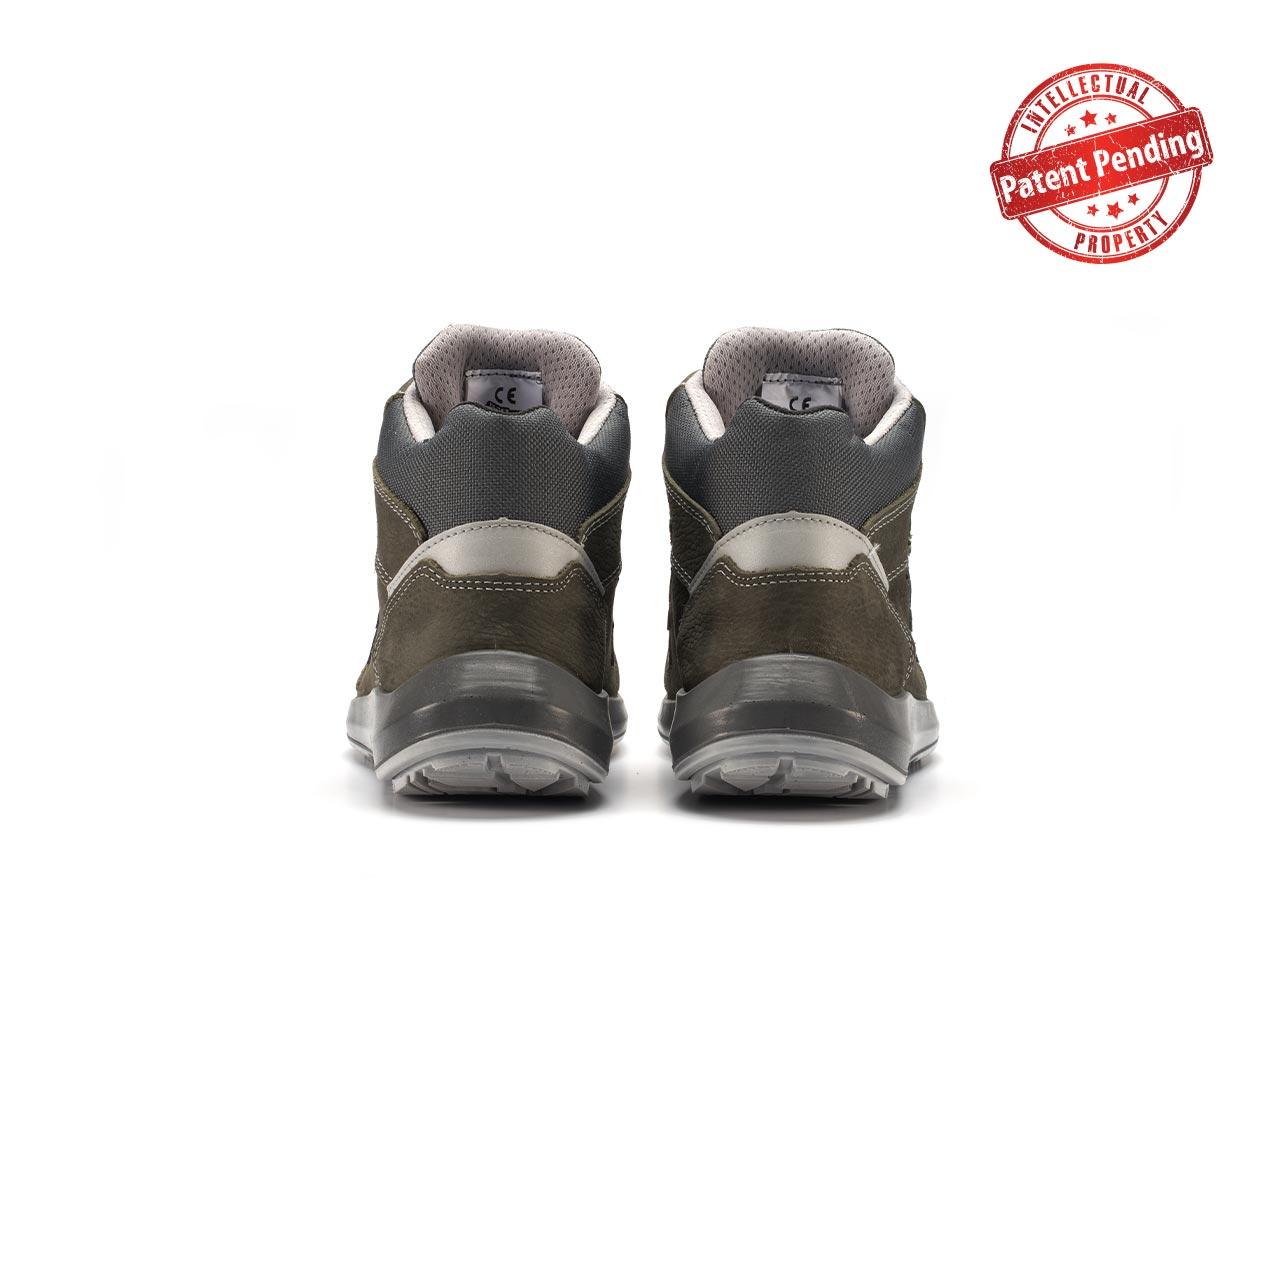 paio di scarpe antinfortunistiche alte upower modello merak linea redup vista retro